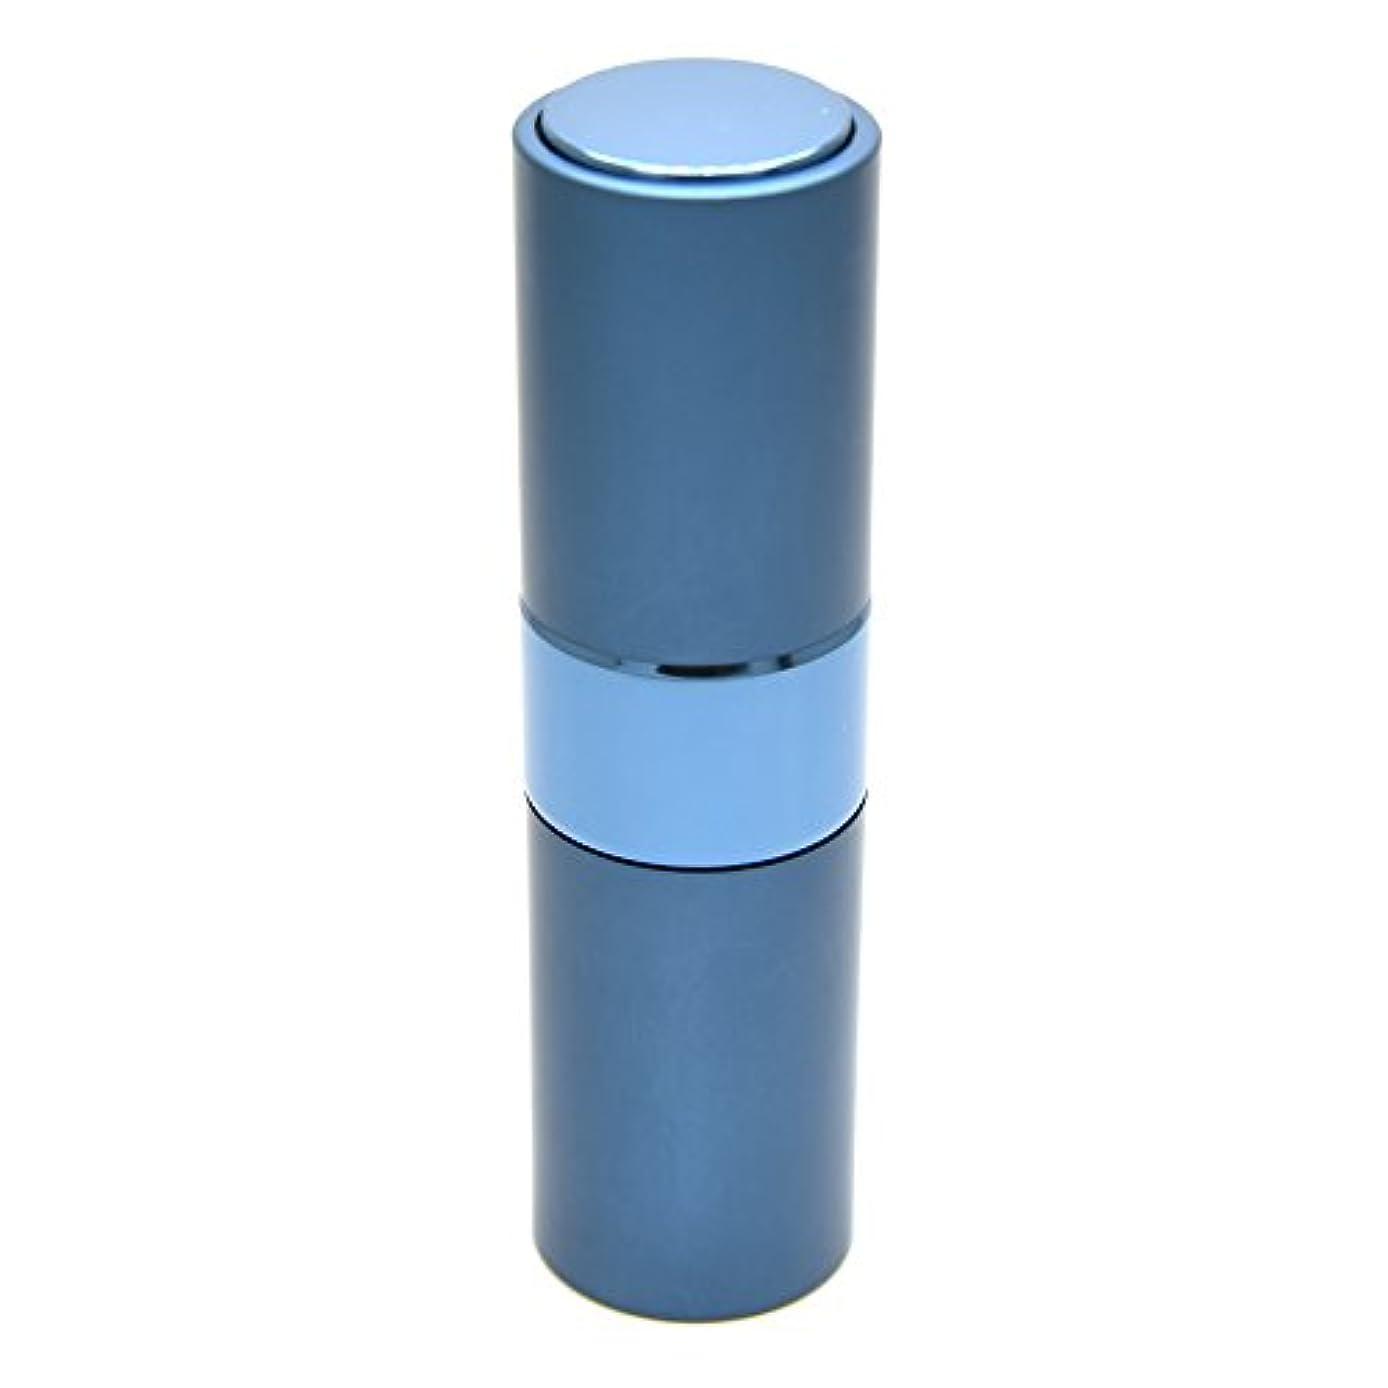 の配列平行ナットPrilliant 香水 アトマイザー プッシュ式 詰め替え 携帯便利 オシャレ 容量15ml (ブルー)